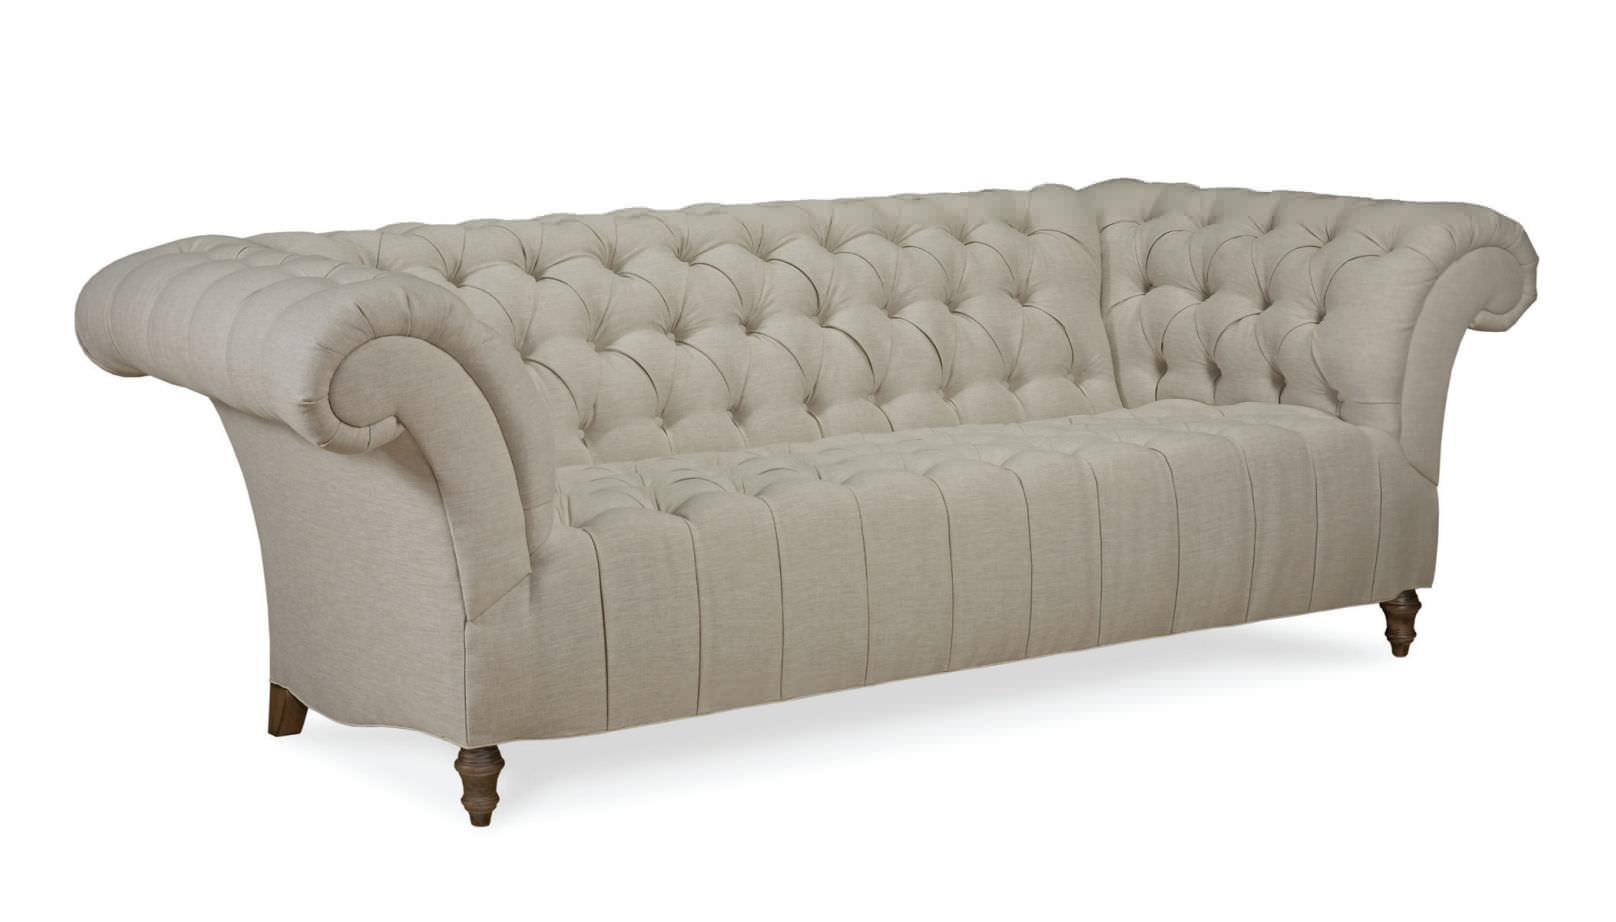 Favori Canapé de style chesterfield / en tissu / 3 places / beige - F  JW21